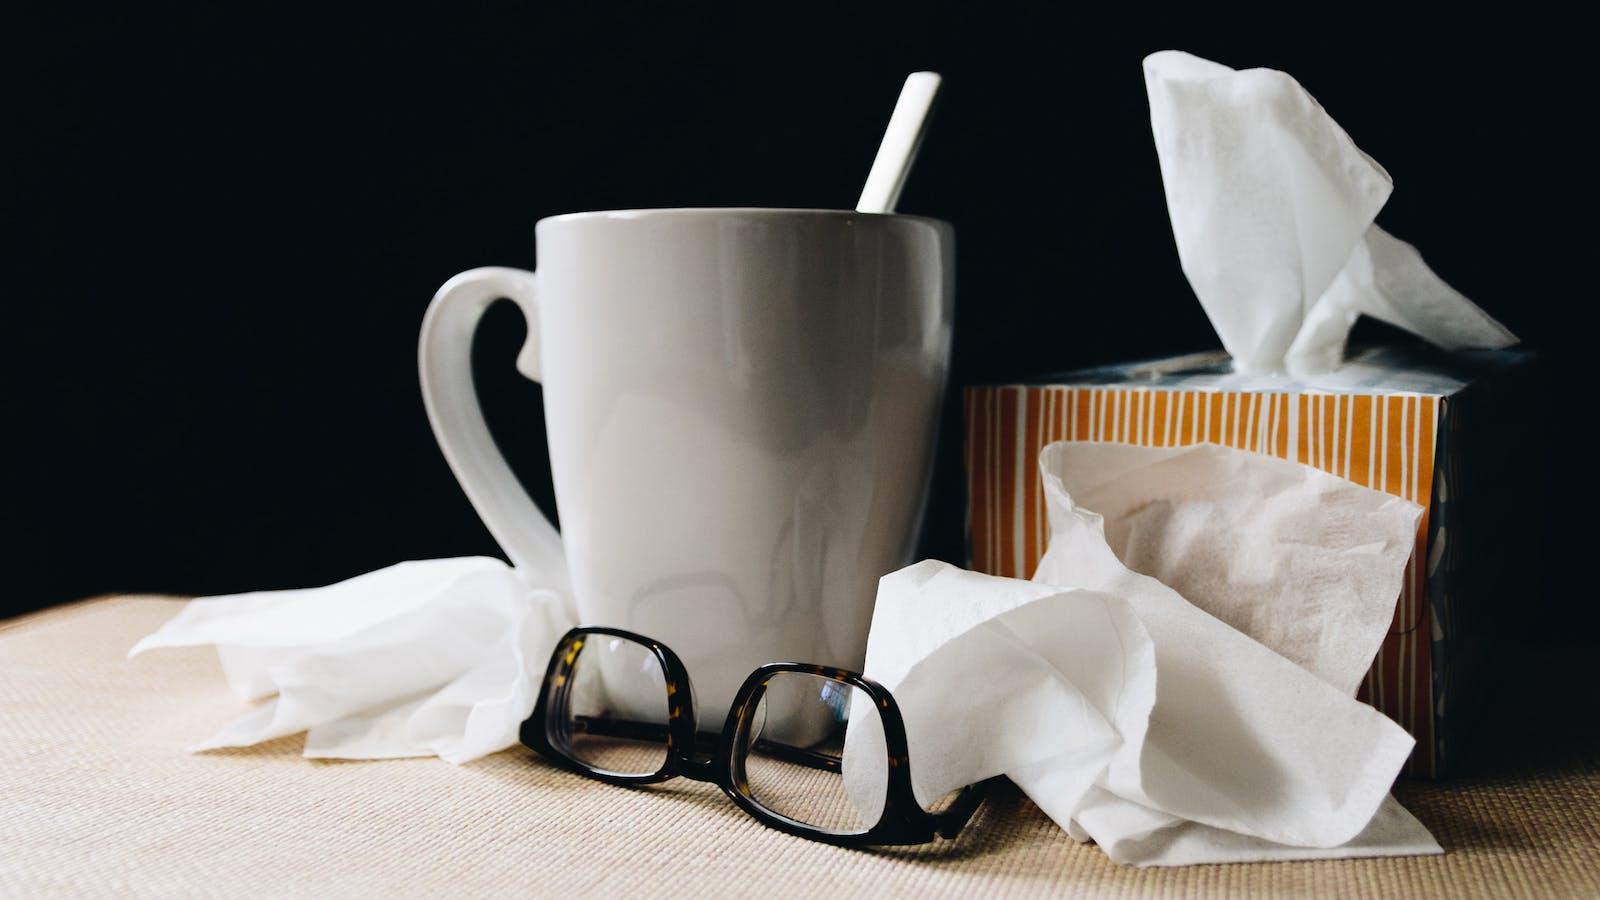 Une tasse de café, une boîte de mouchoirs utilisés et une paire de lunettes à l'envers